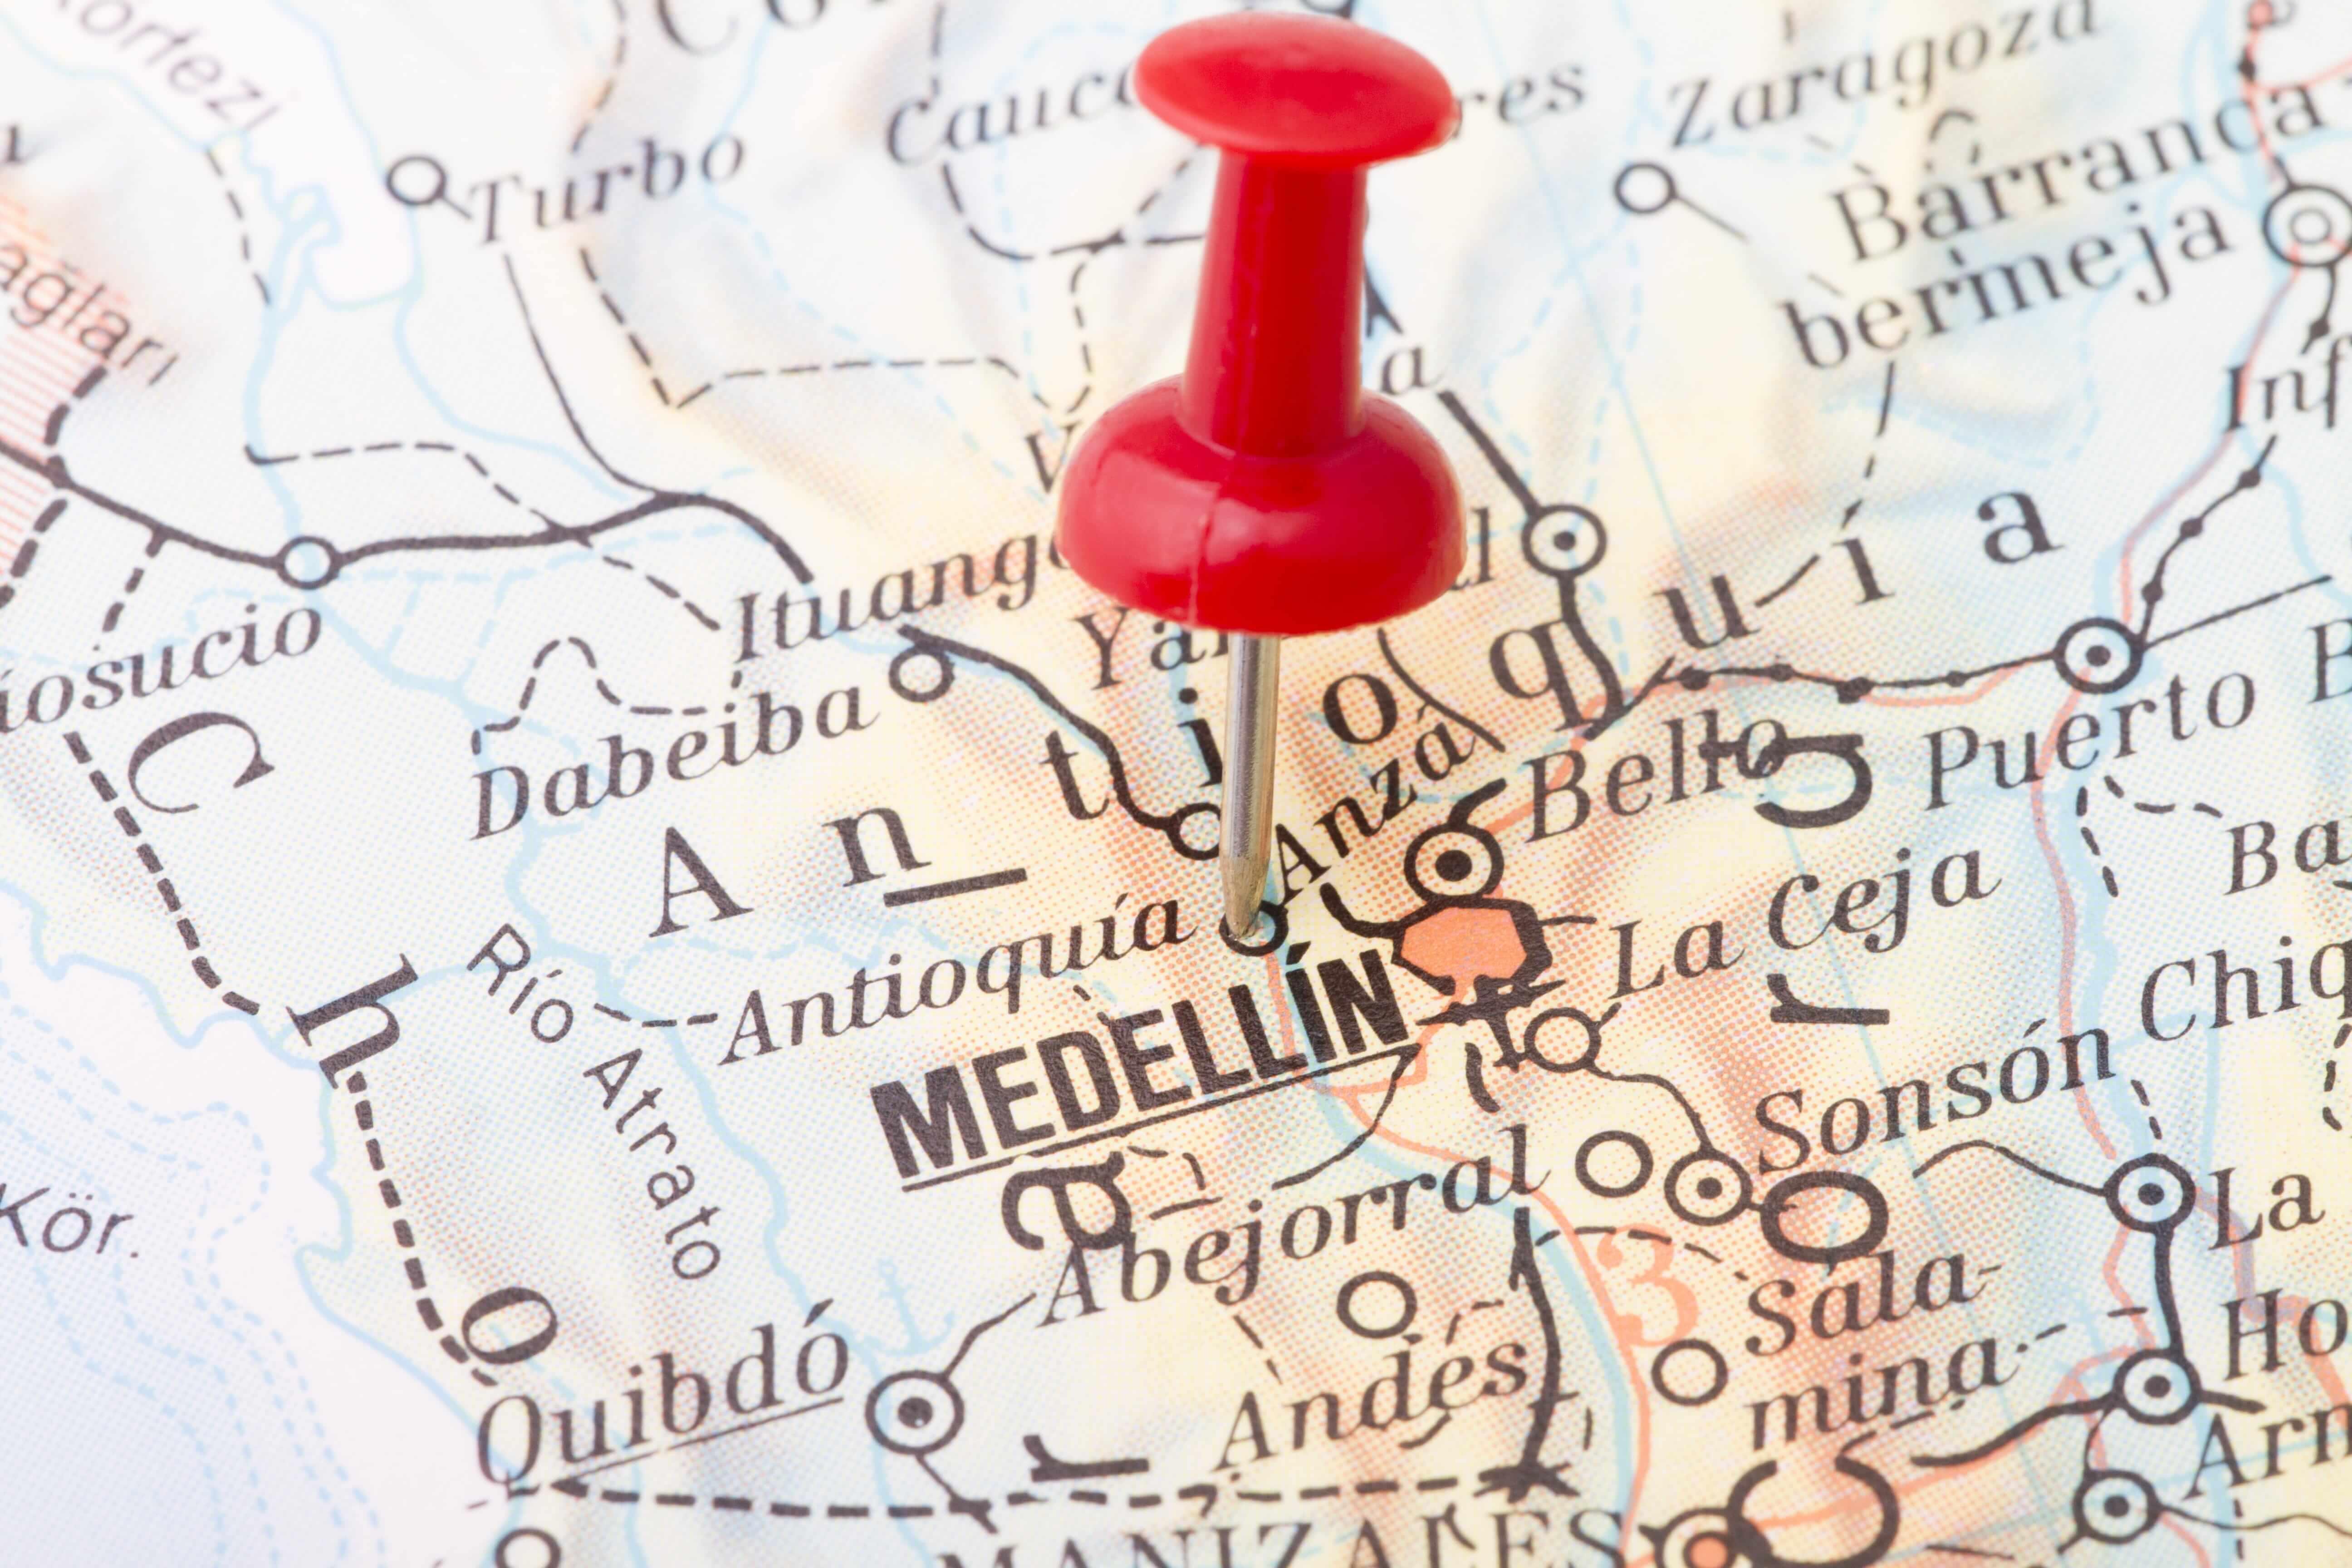 invertir en vivienda en Medellín, el Valle de Aburrá y Antioquia en el 2019